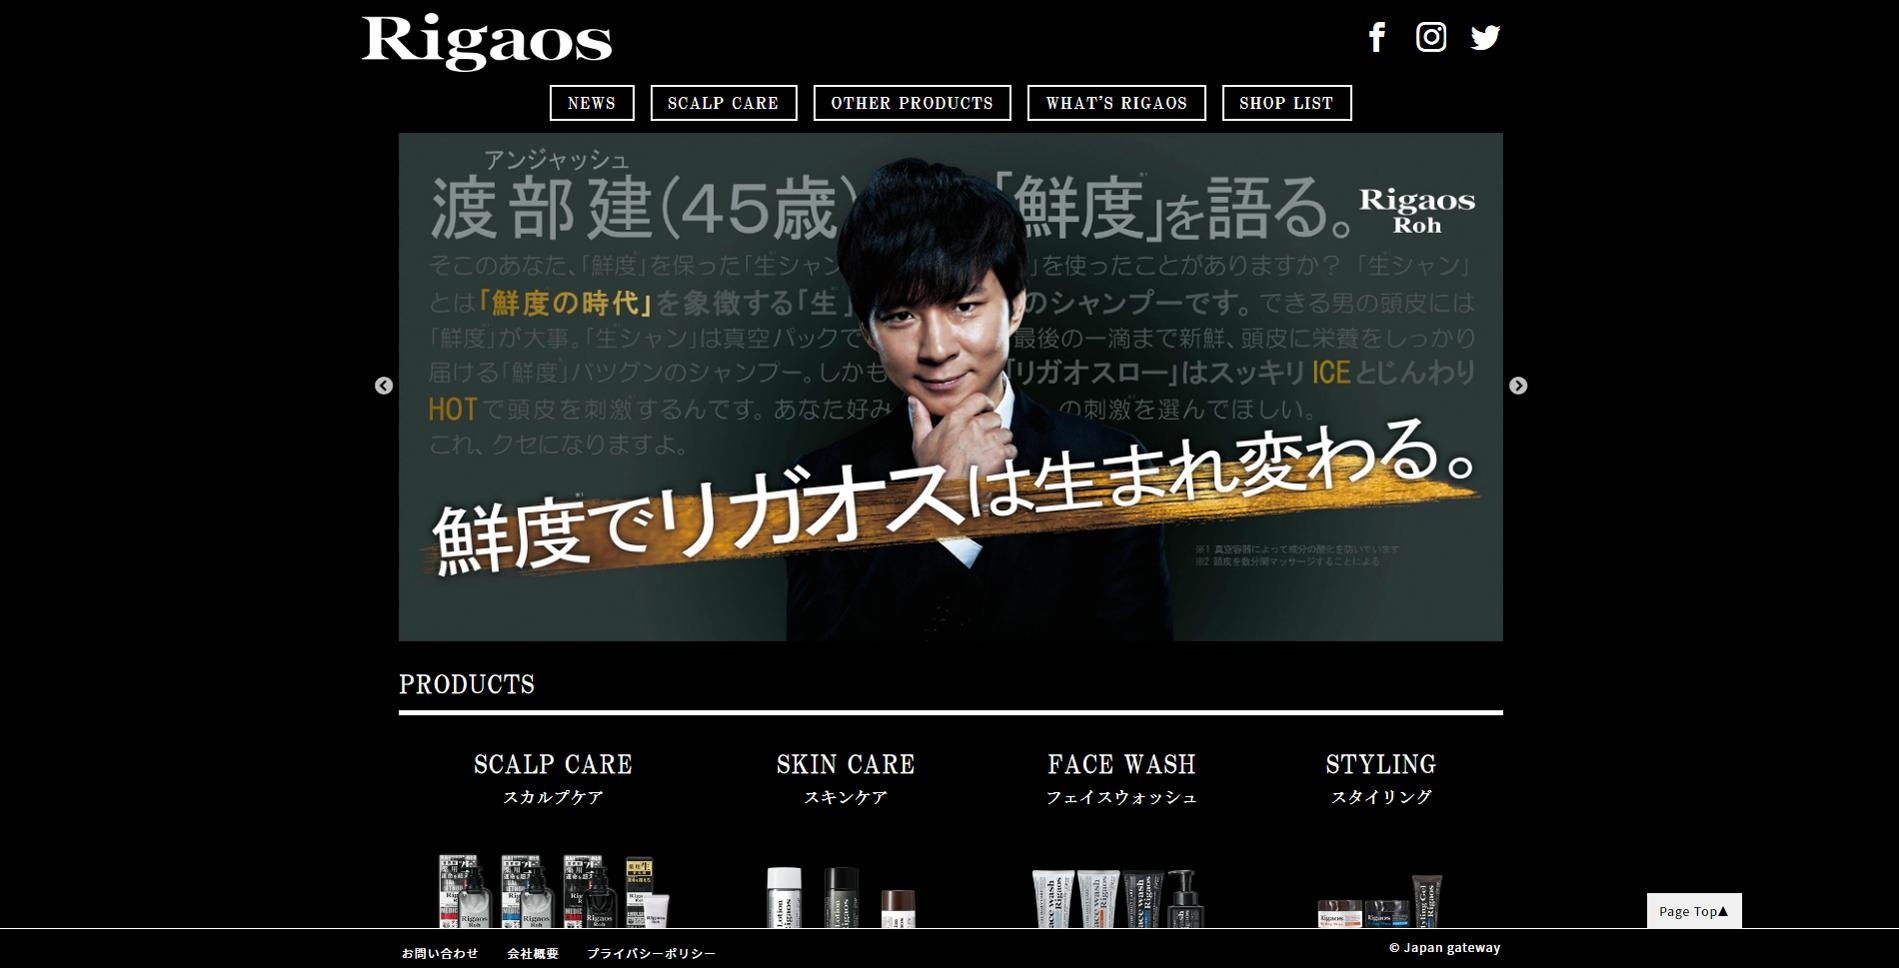 Rigaos リガオス 薬用スカルプケア シャンプー for OILY SKINの公式ホームページのトップのスクリーンショット